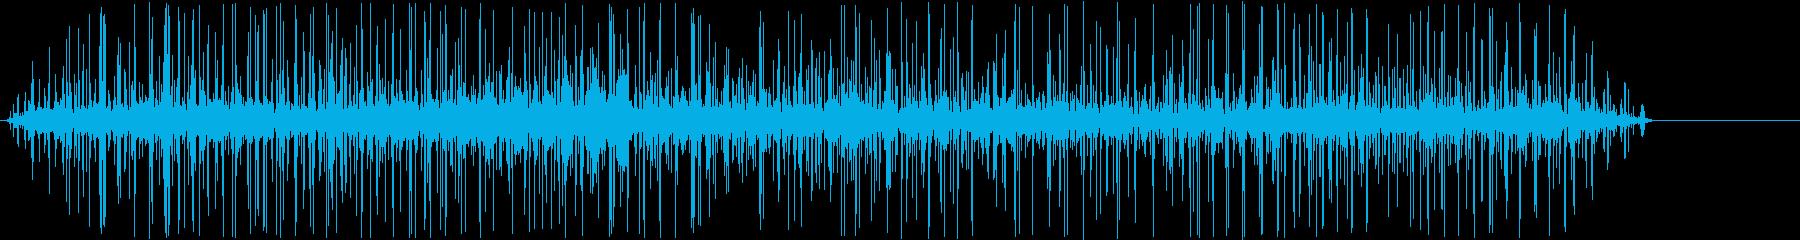 コブルズオンキャブルリーウォークコ...の再生済みの波形